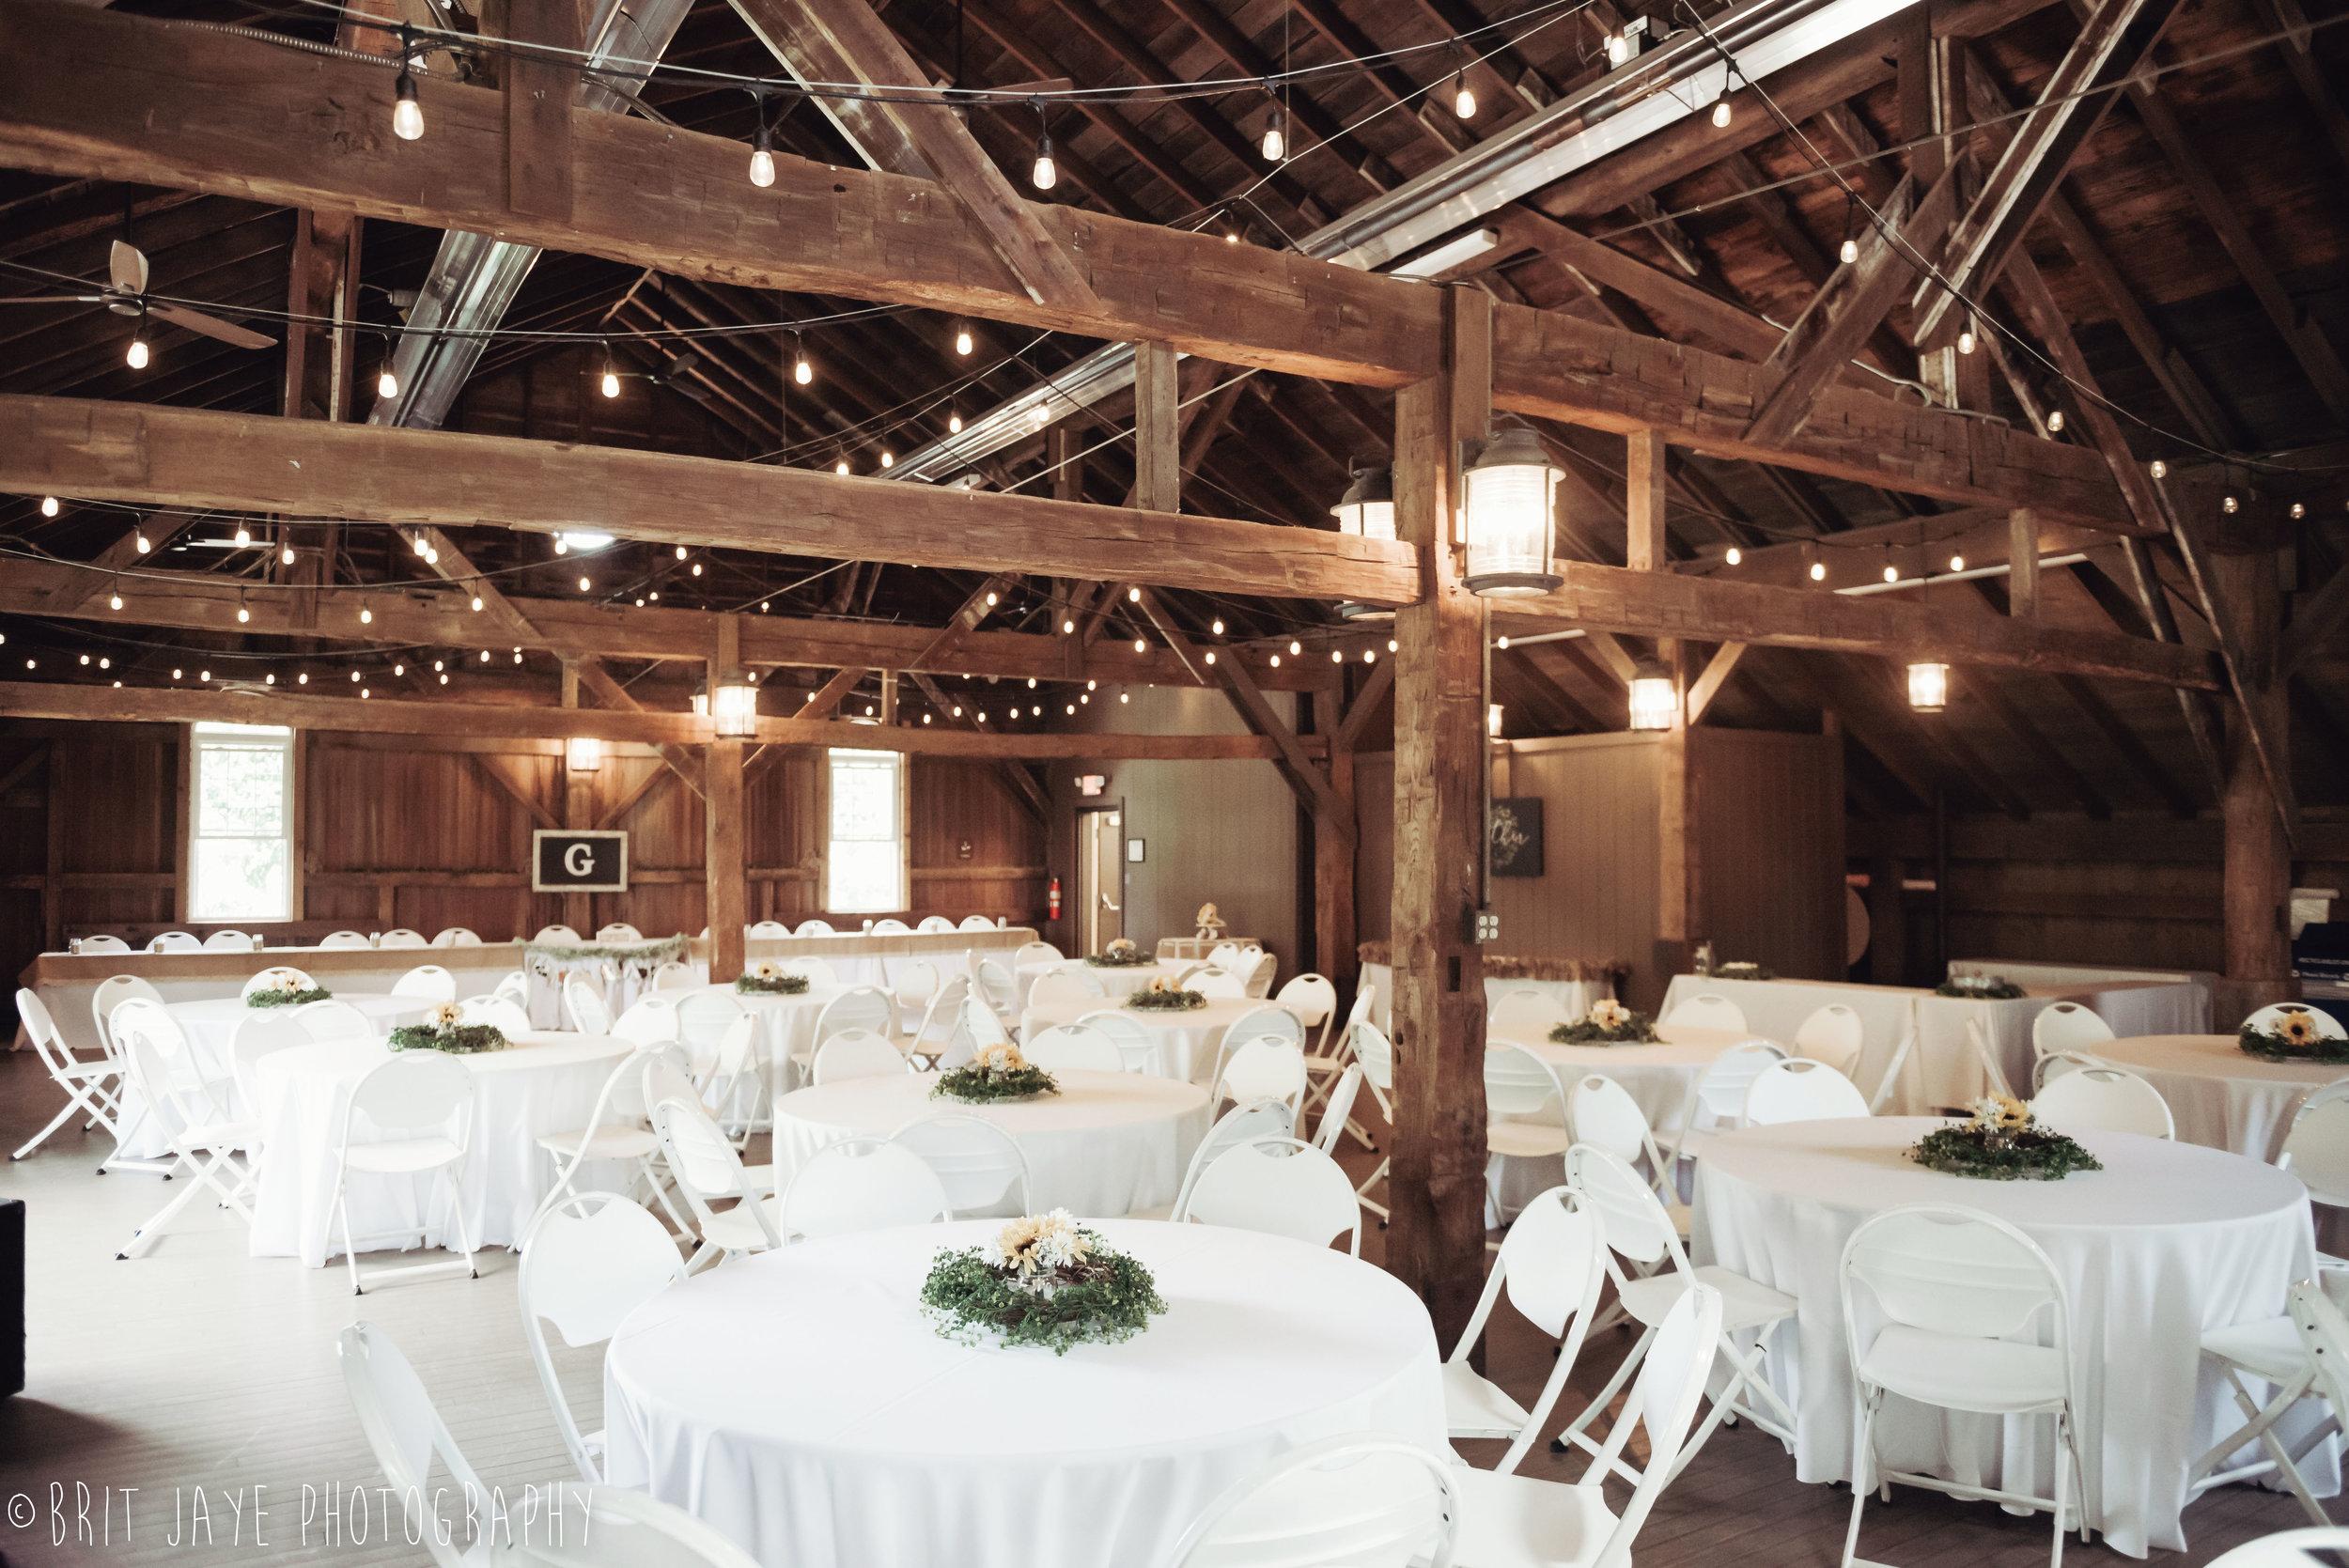 Polen_Farm_Summer_Wedding_Dayton_Ohio-44.jpg